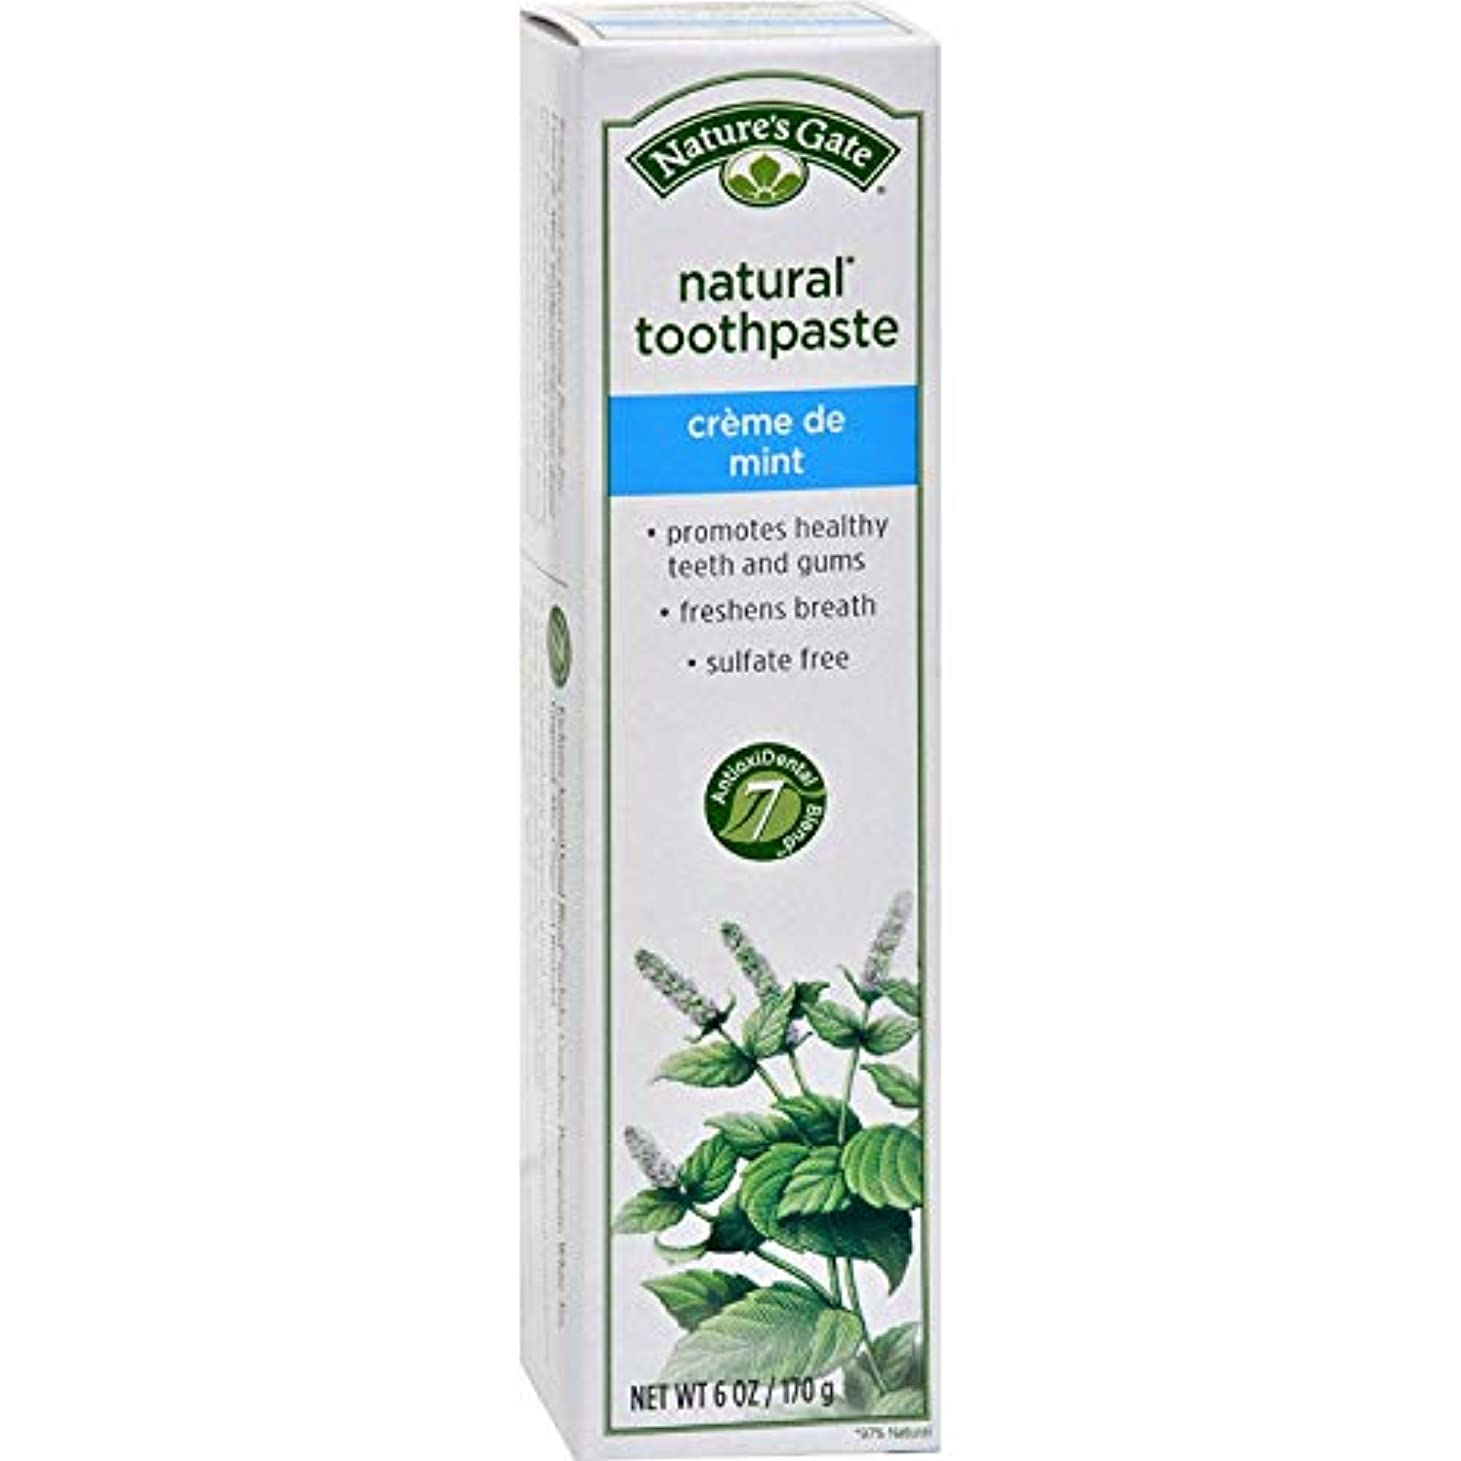 十分な突破口船乗りNature's Gate, Natural Toothpaste, Creme de Mint, 6 oz (170 g)